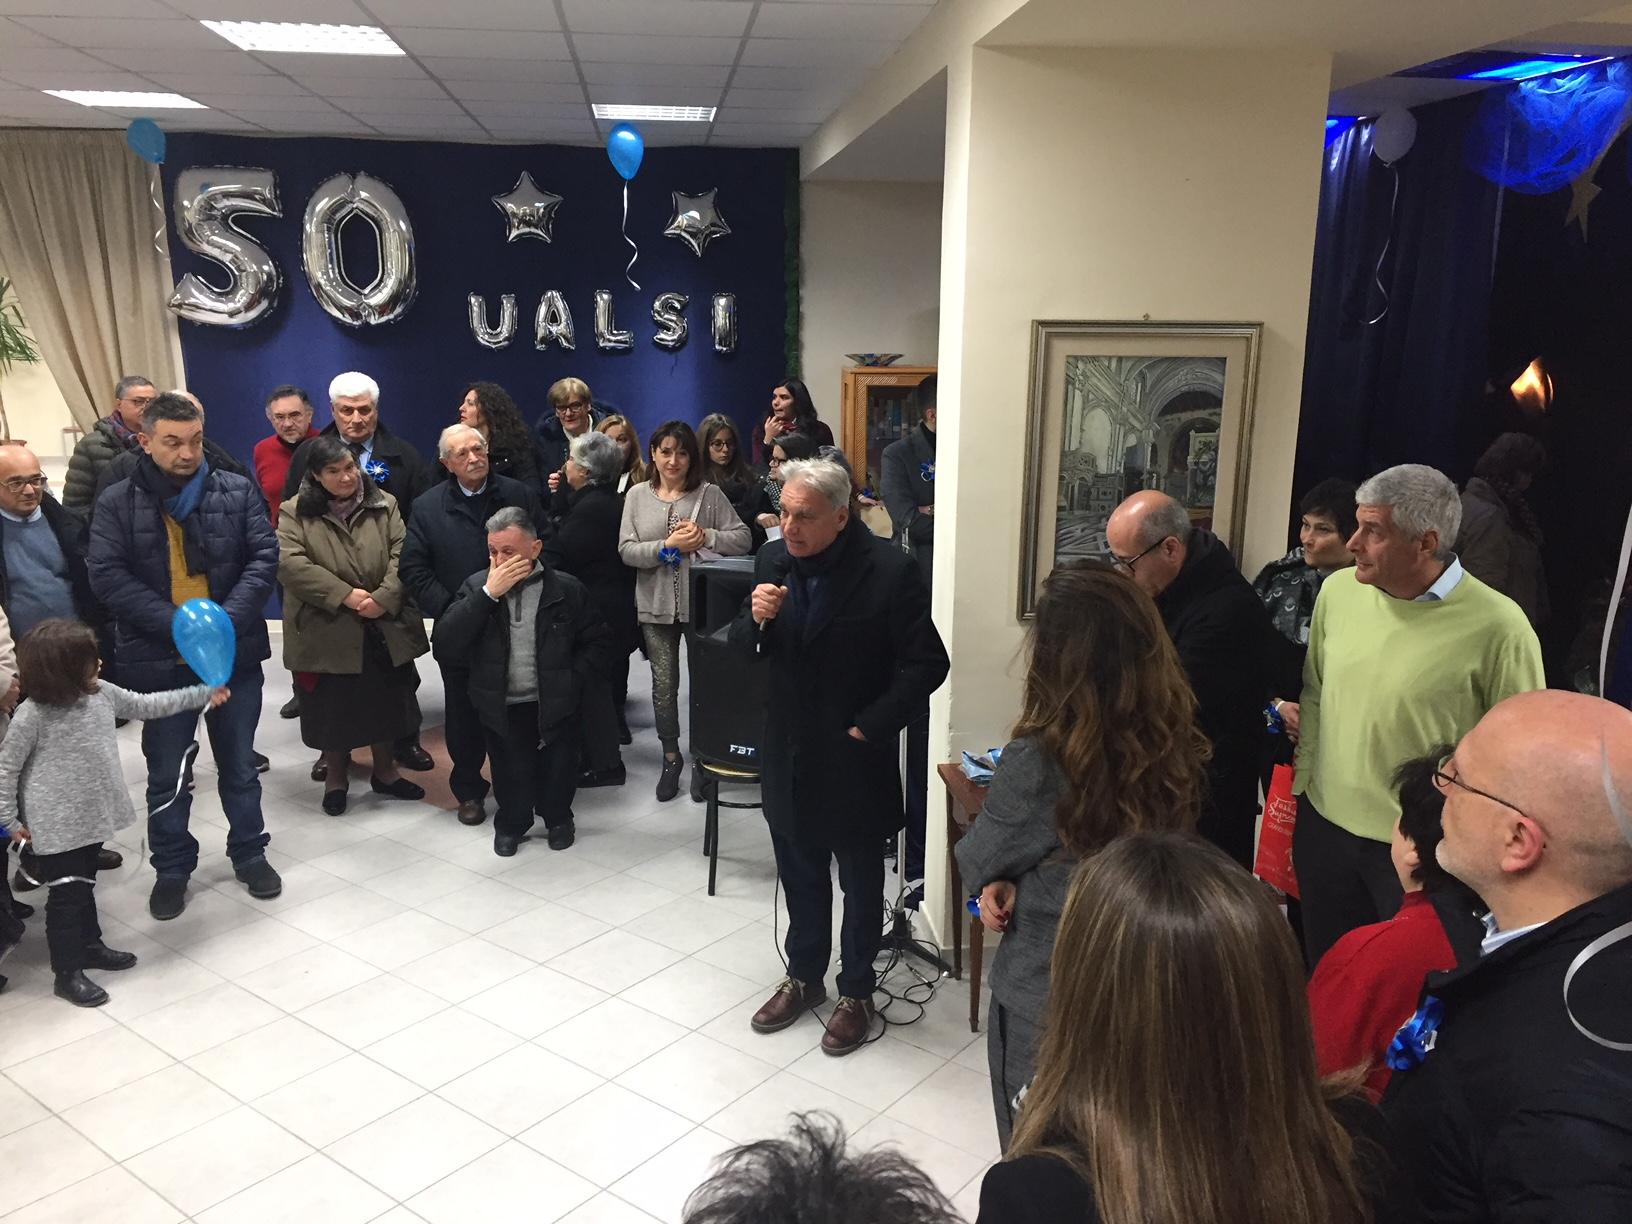 Fondazione UALSI, cinquant'anni di vita, un nuovo presidente e una festa per celebrarli